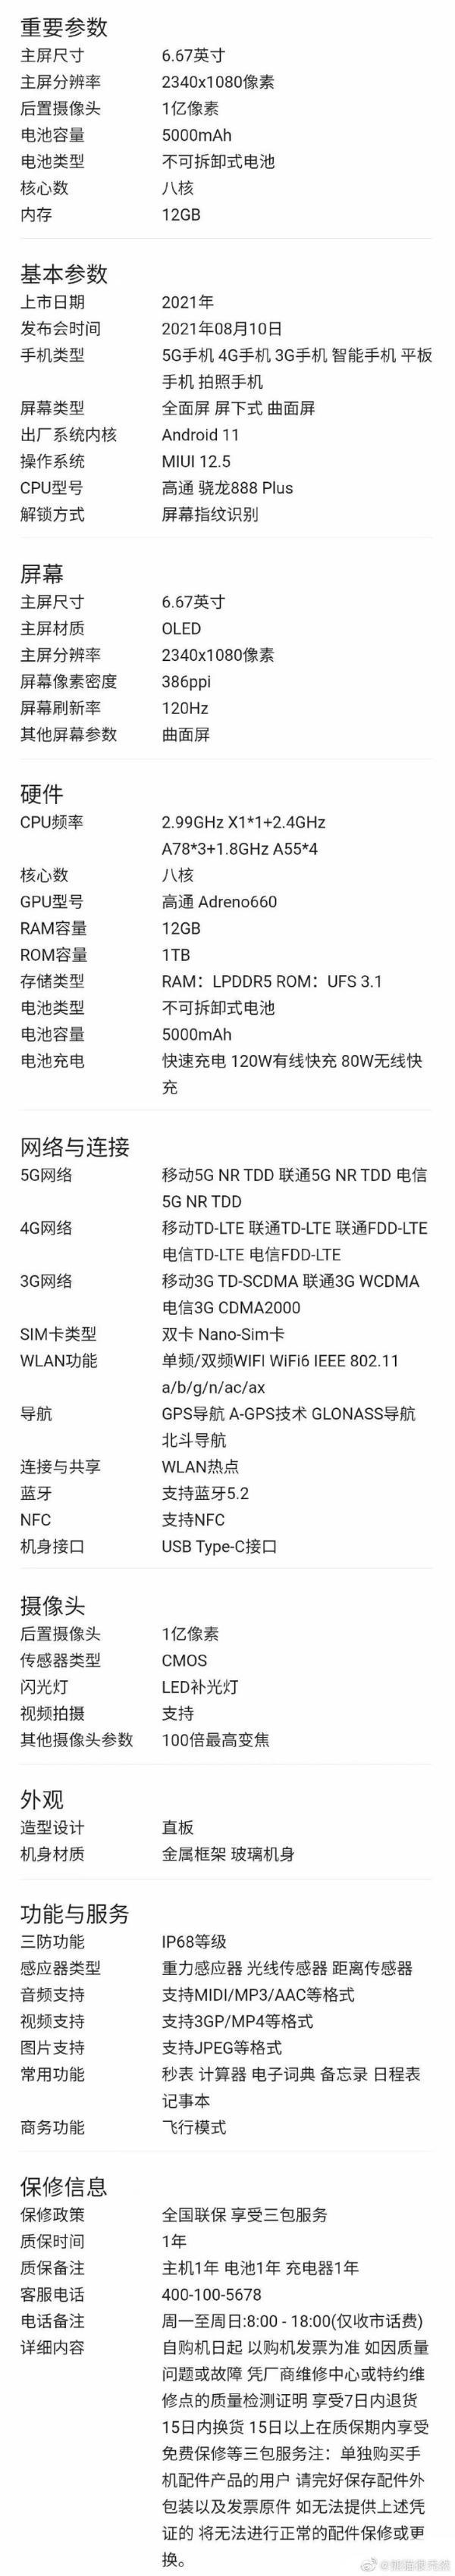 小米 MIX 4 屏幕参数曝光:6.67 英寸双曲屏